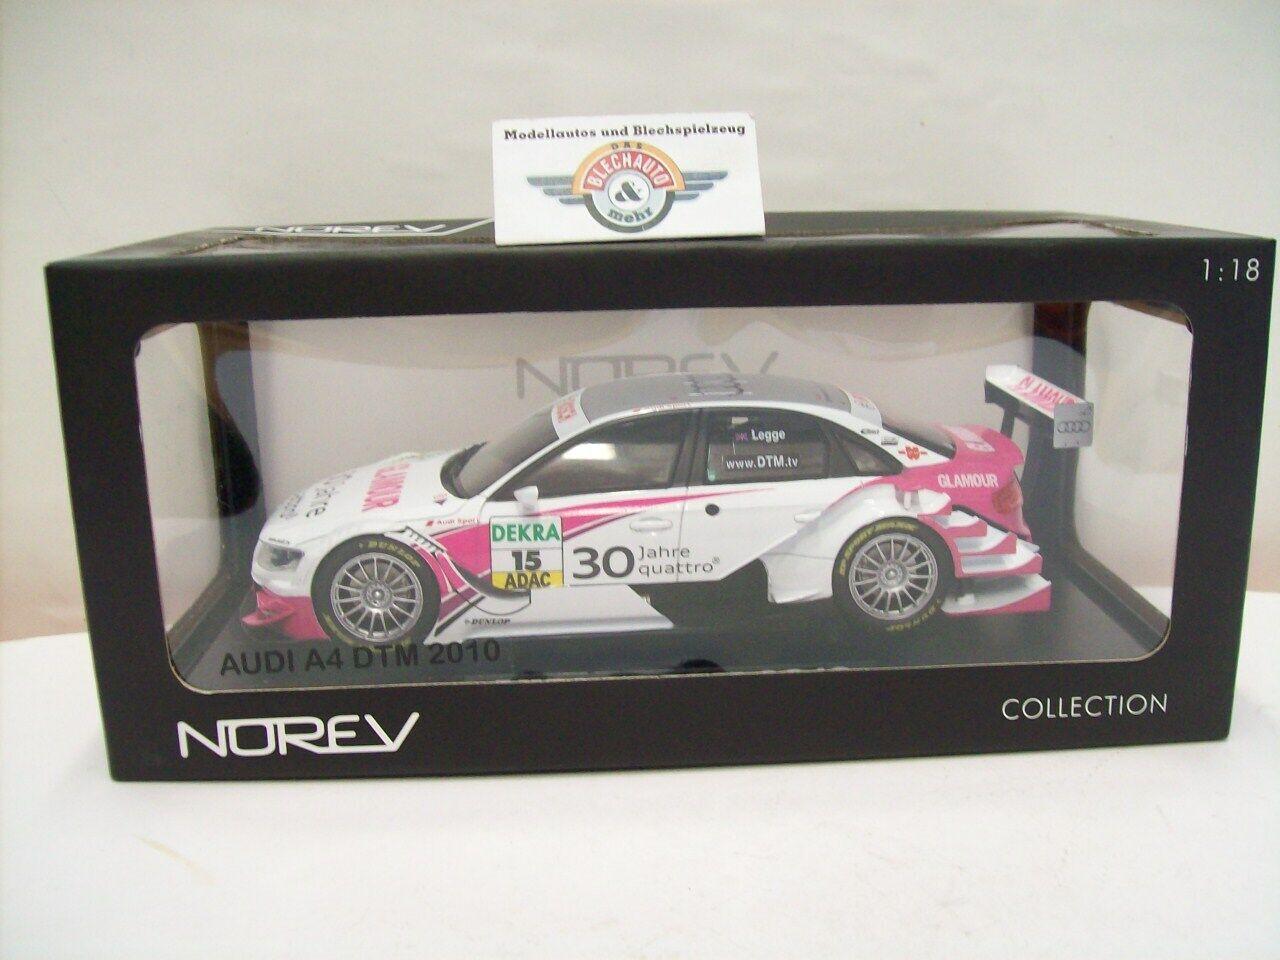 el precio más bajo Audi a4 DTM DTM DTM 2010  15  Audi Sport Team rosberg Katherine Legge , norev 1 18, embalaje original  alta calidad y envío rápido